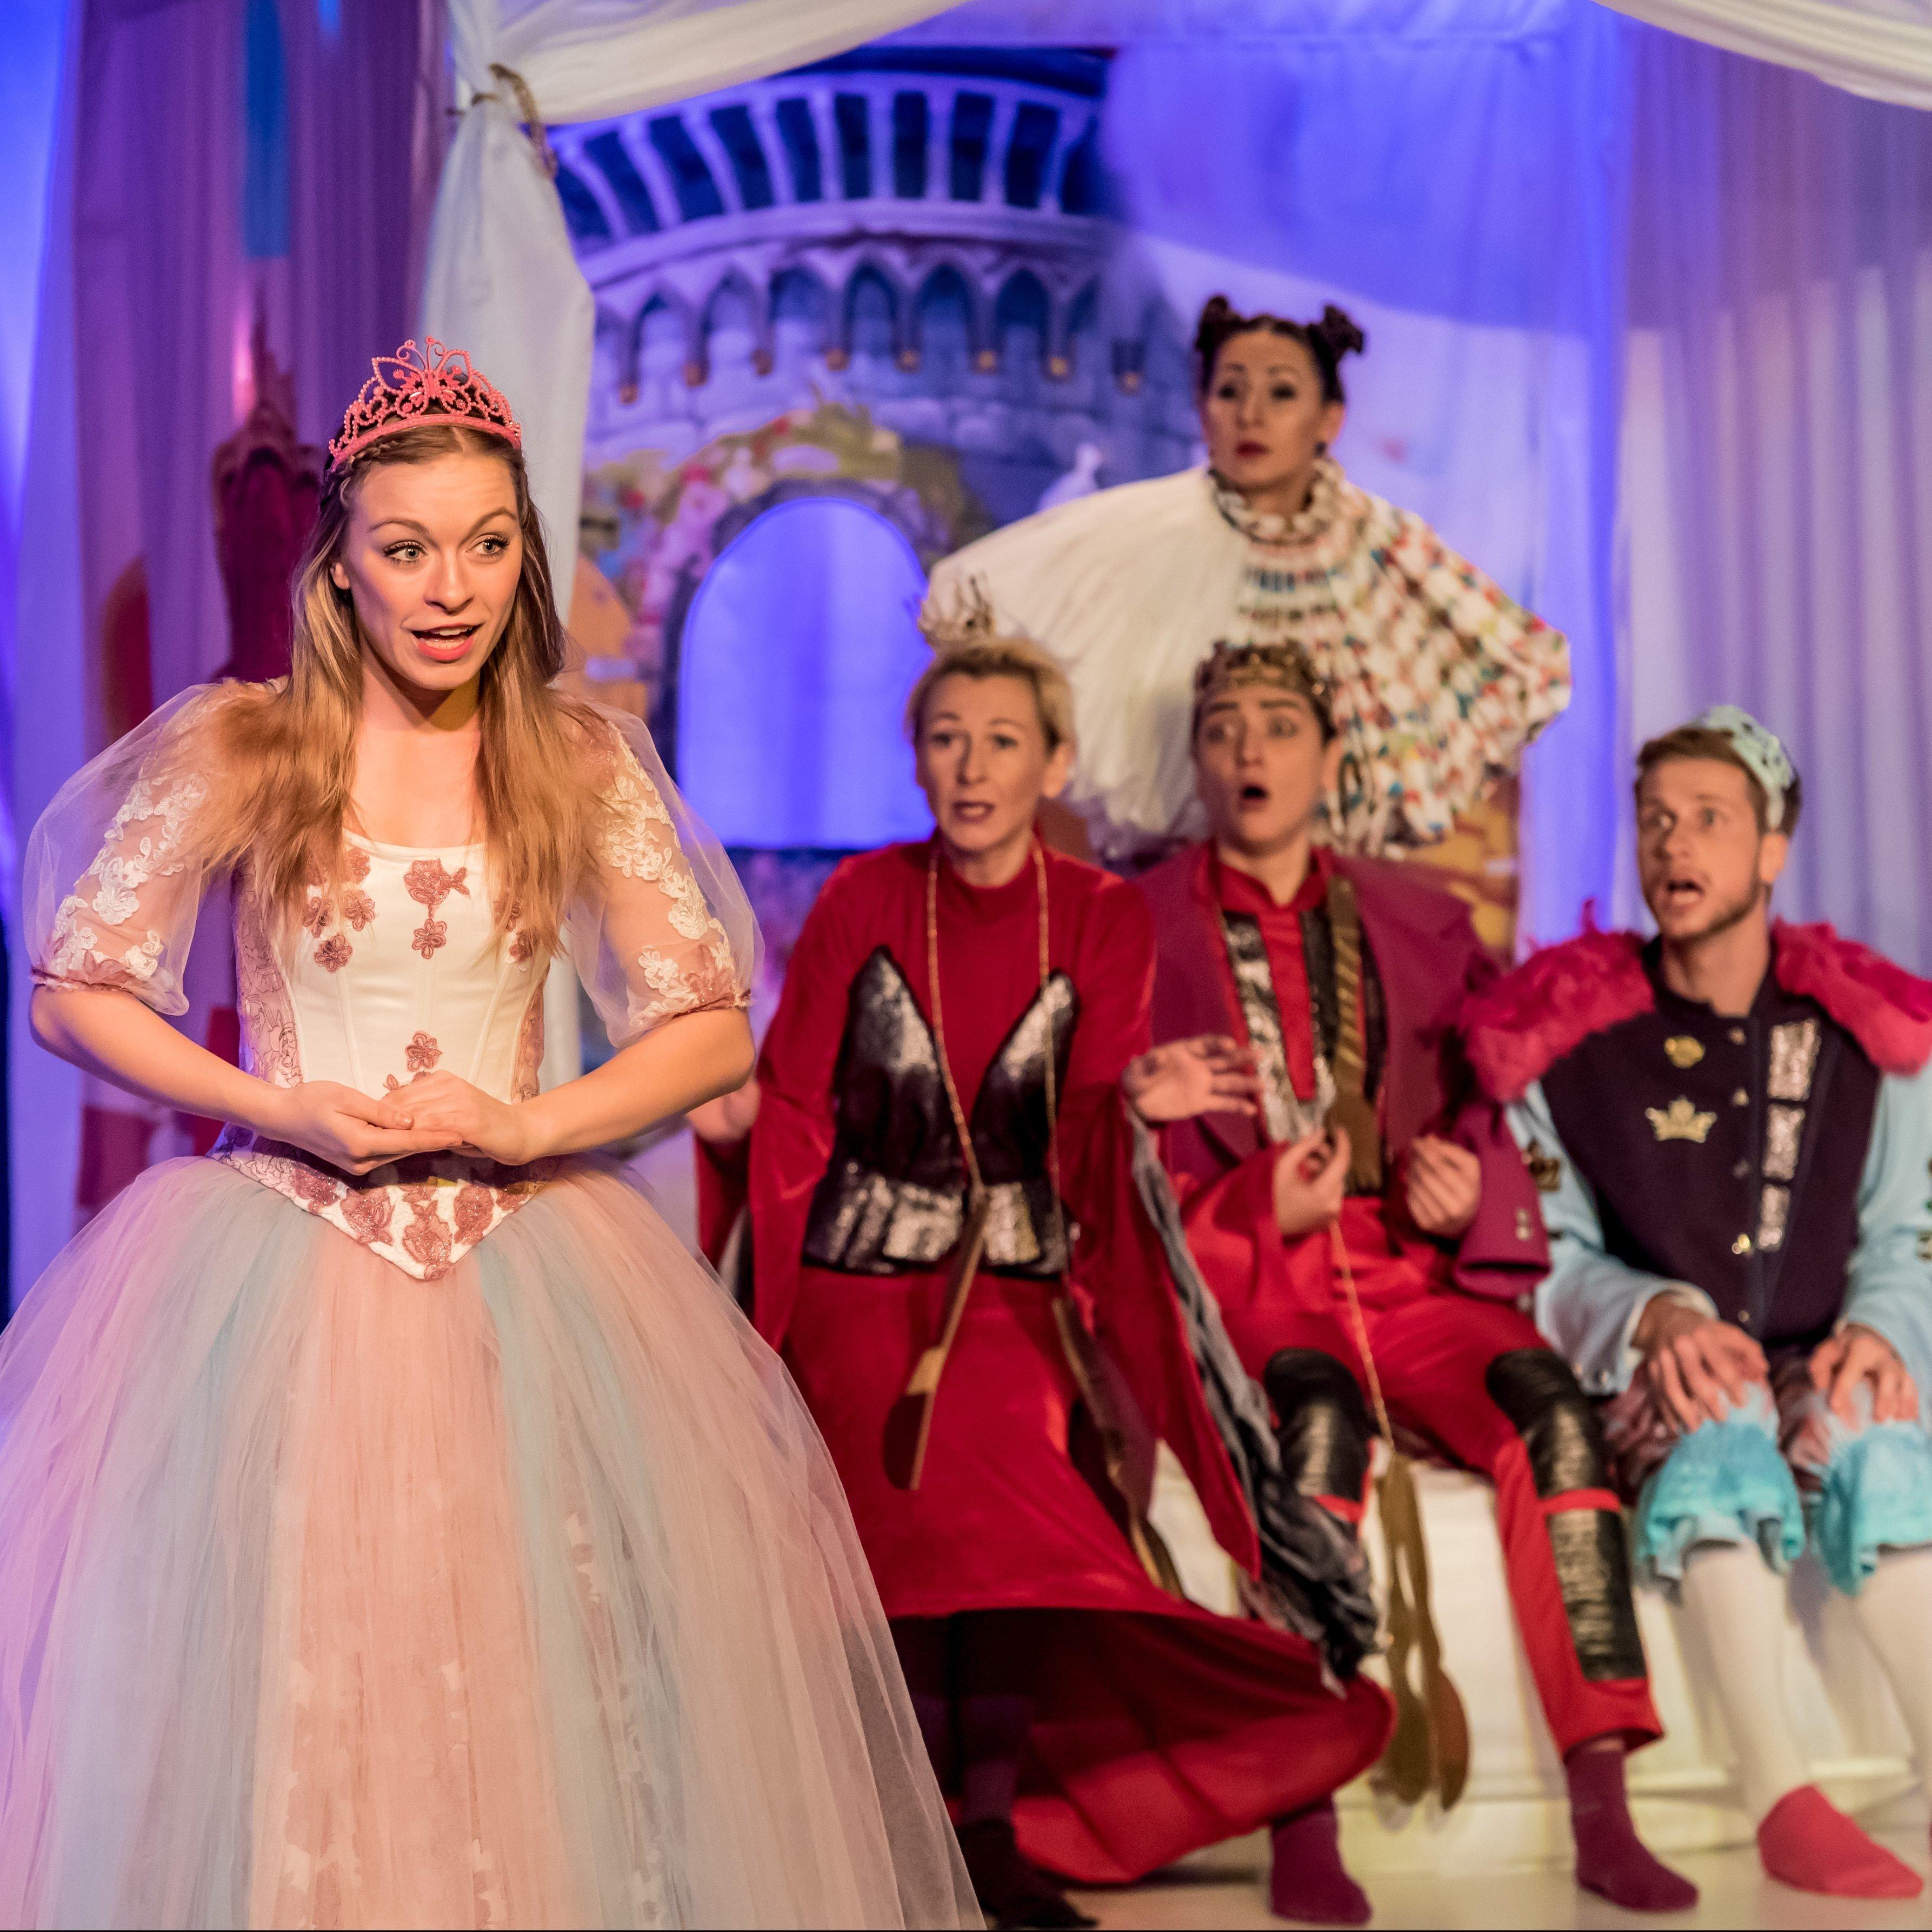 Księżniczka na ziarnku grochu w Gdyńskim Centrum Kultury